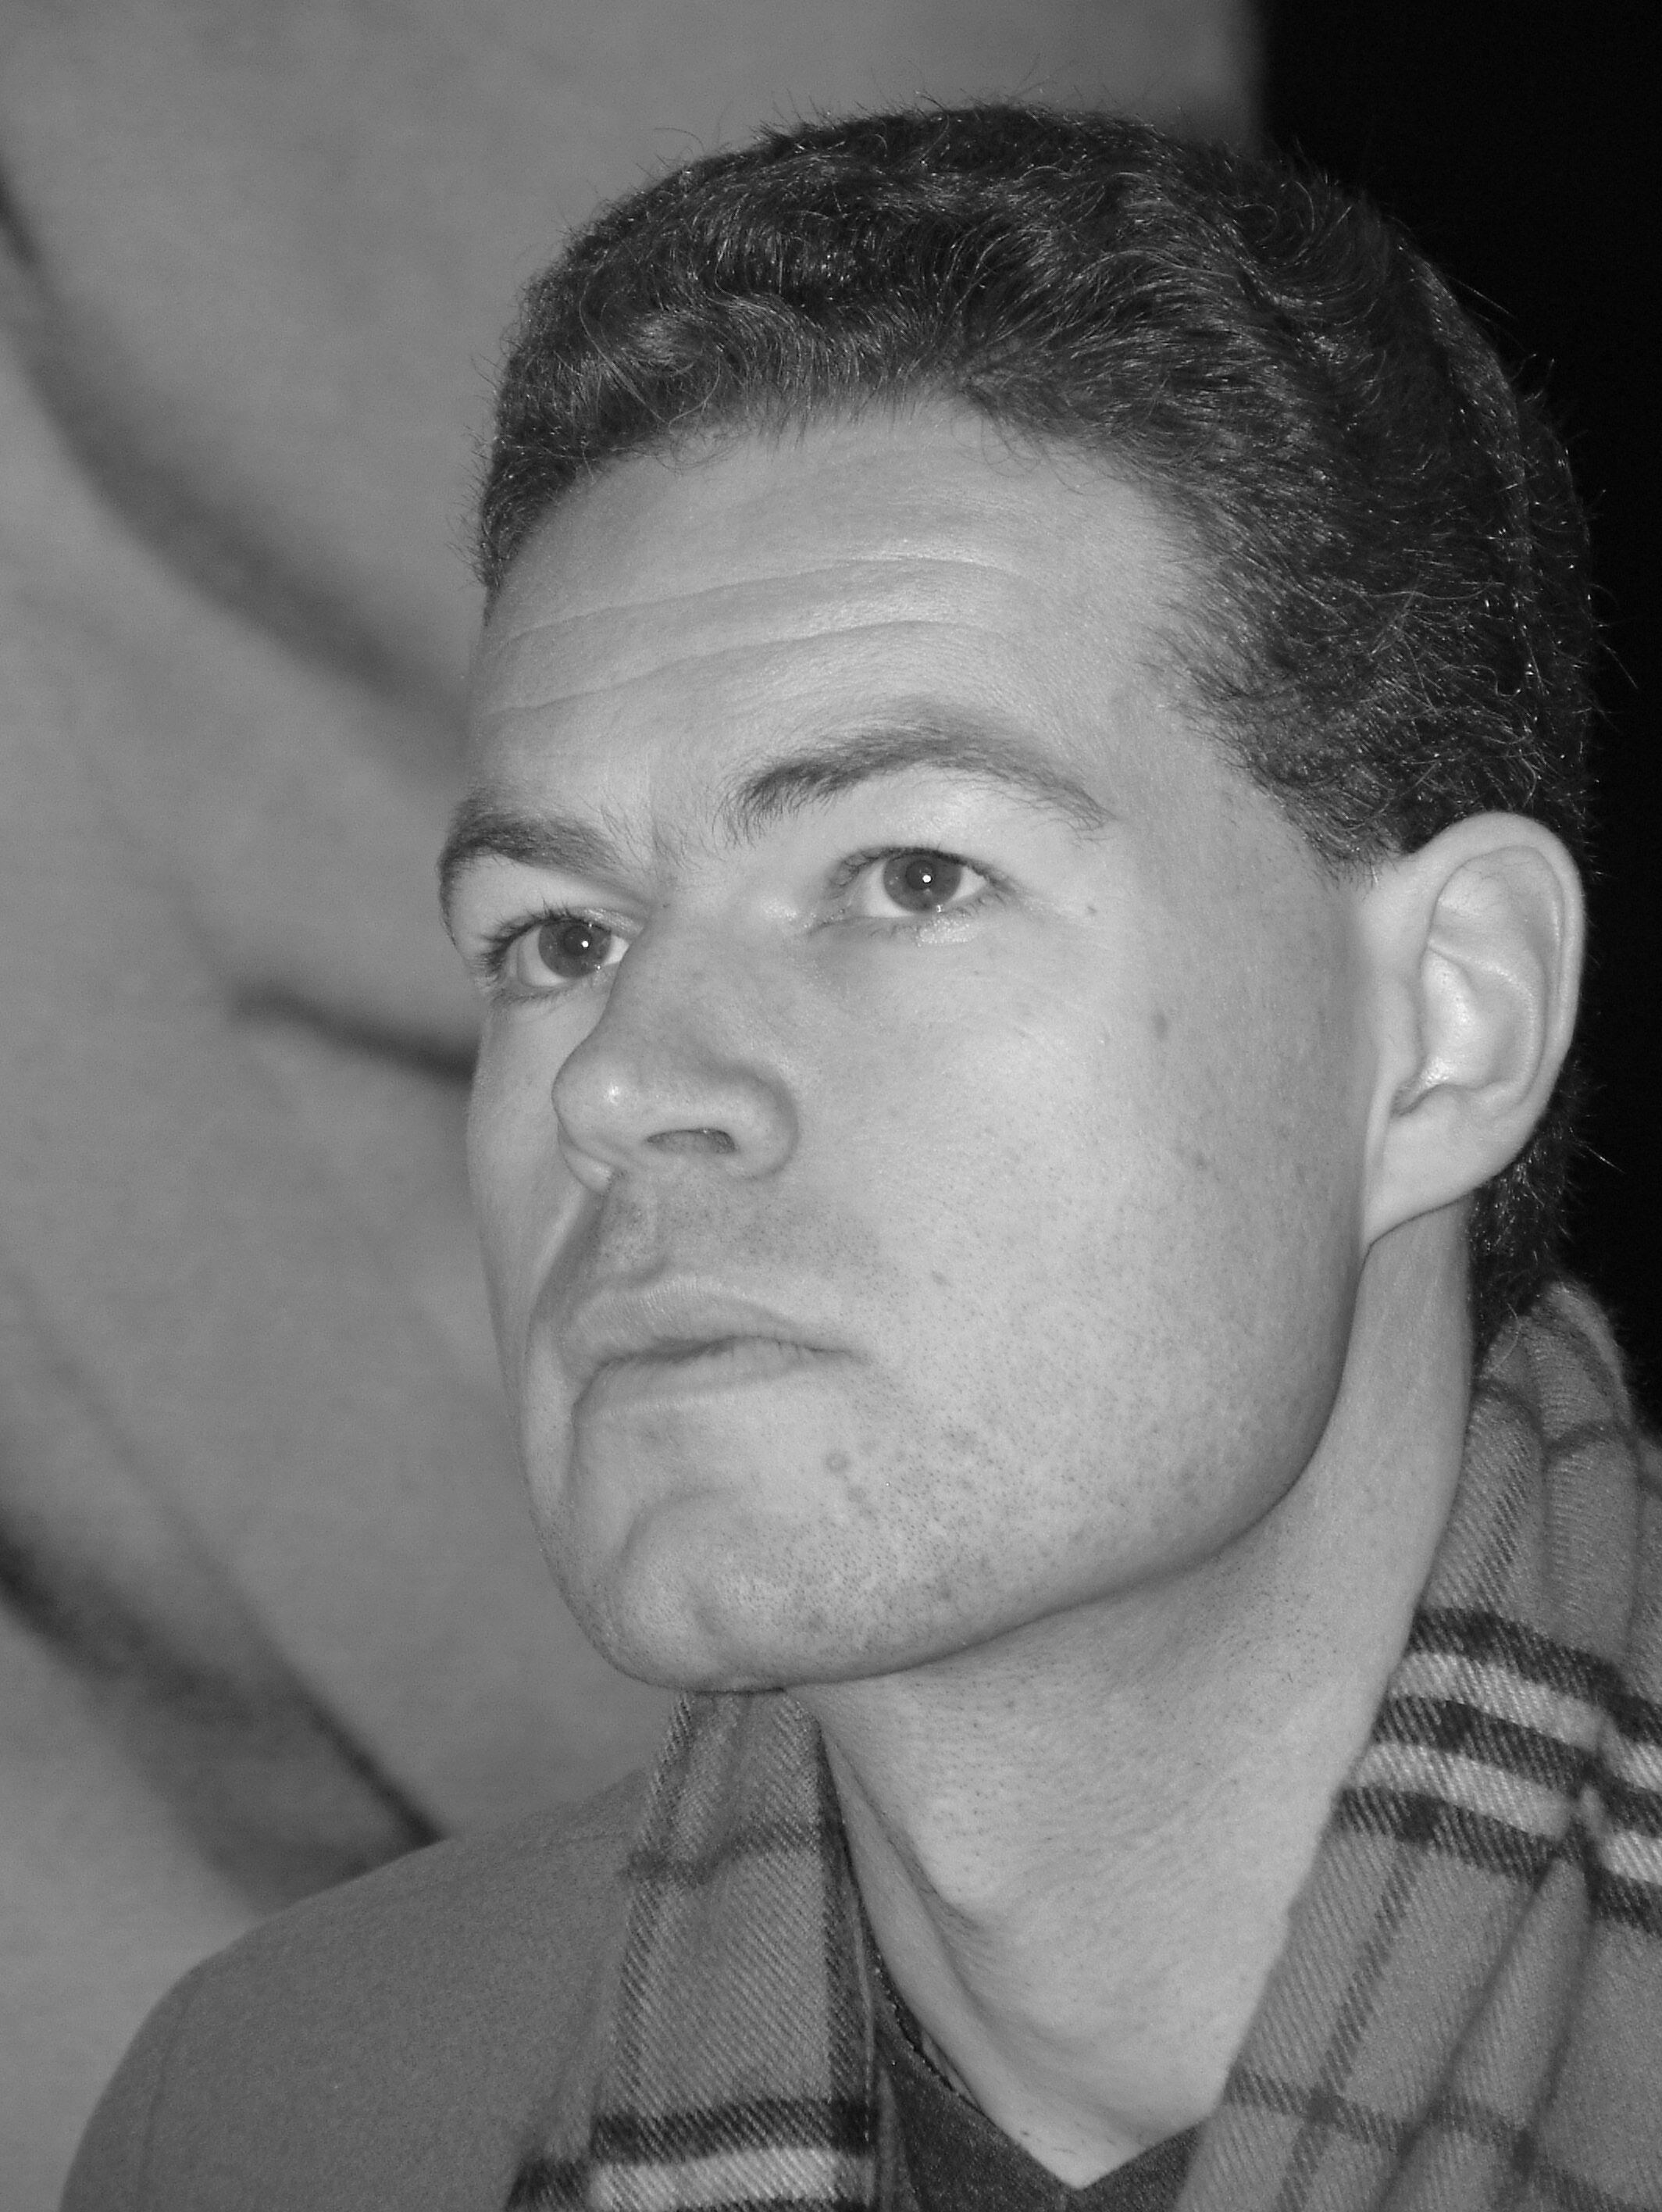 Karel van der Weide